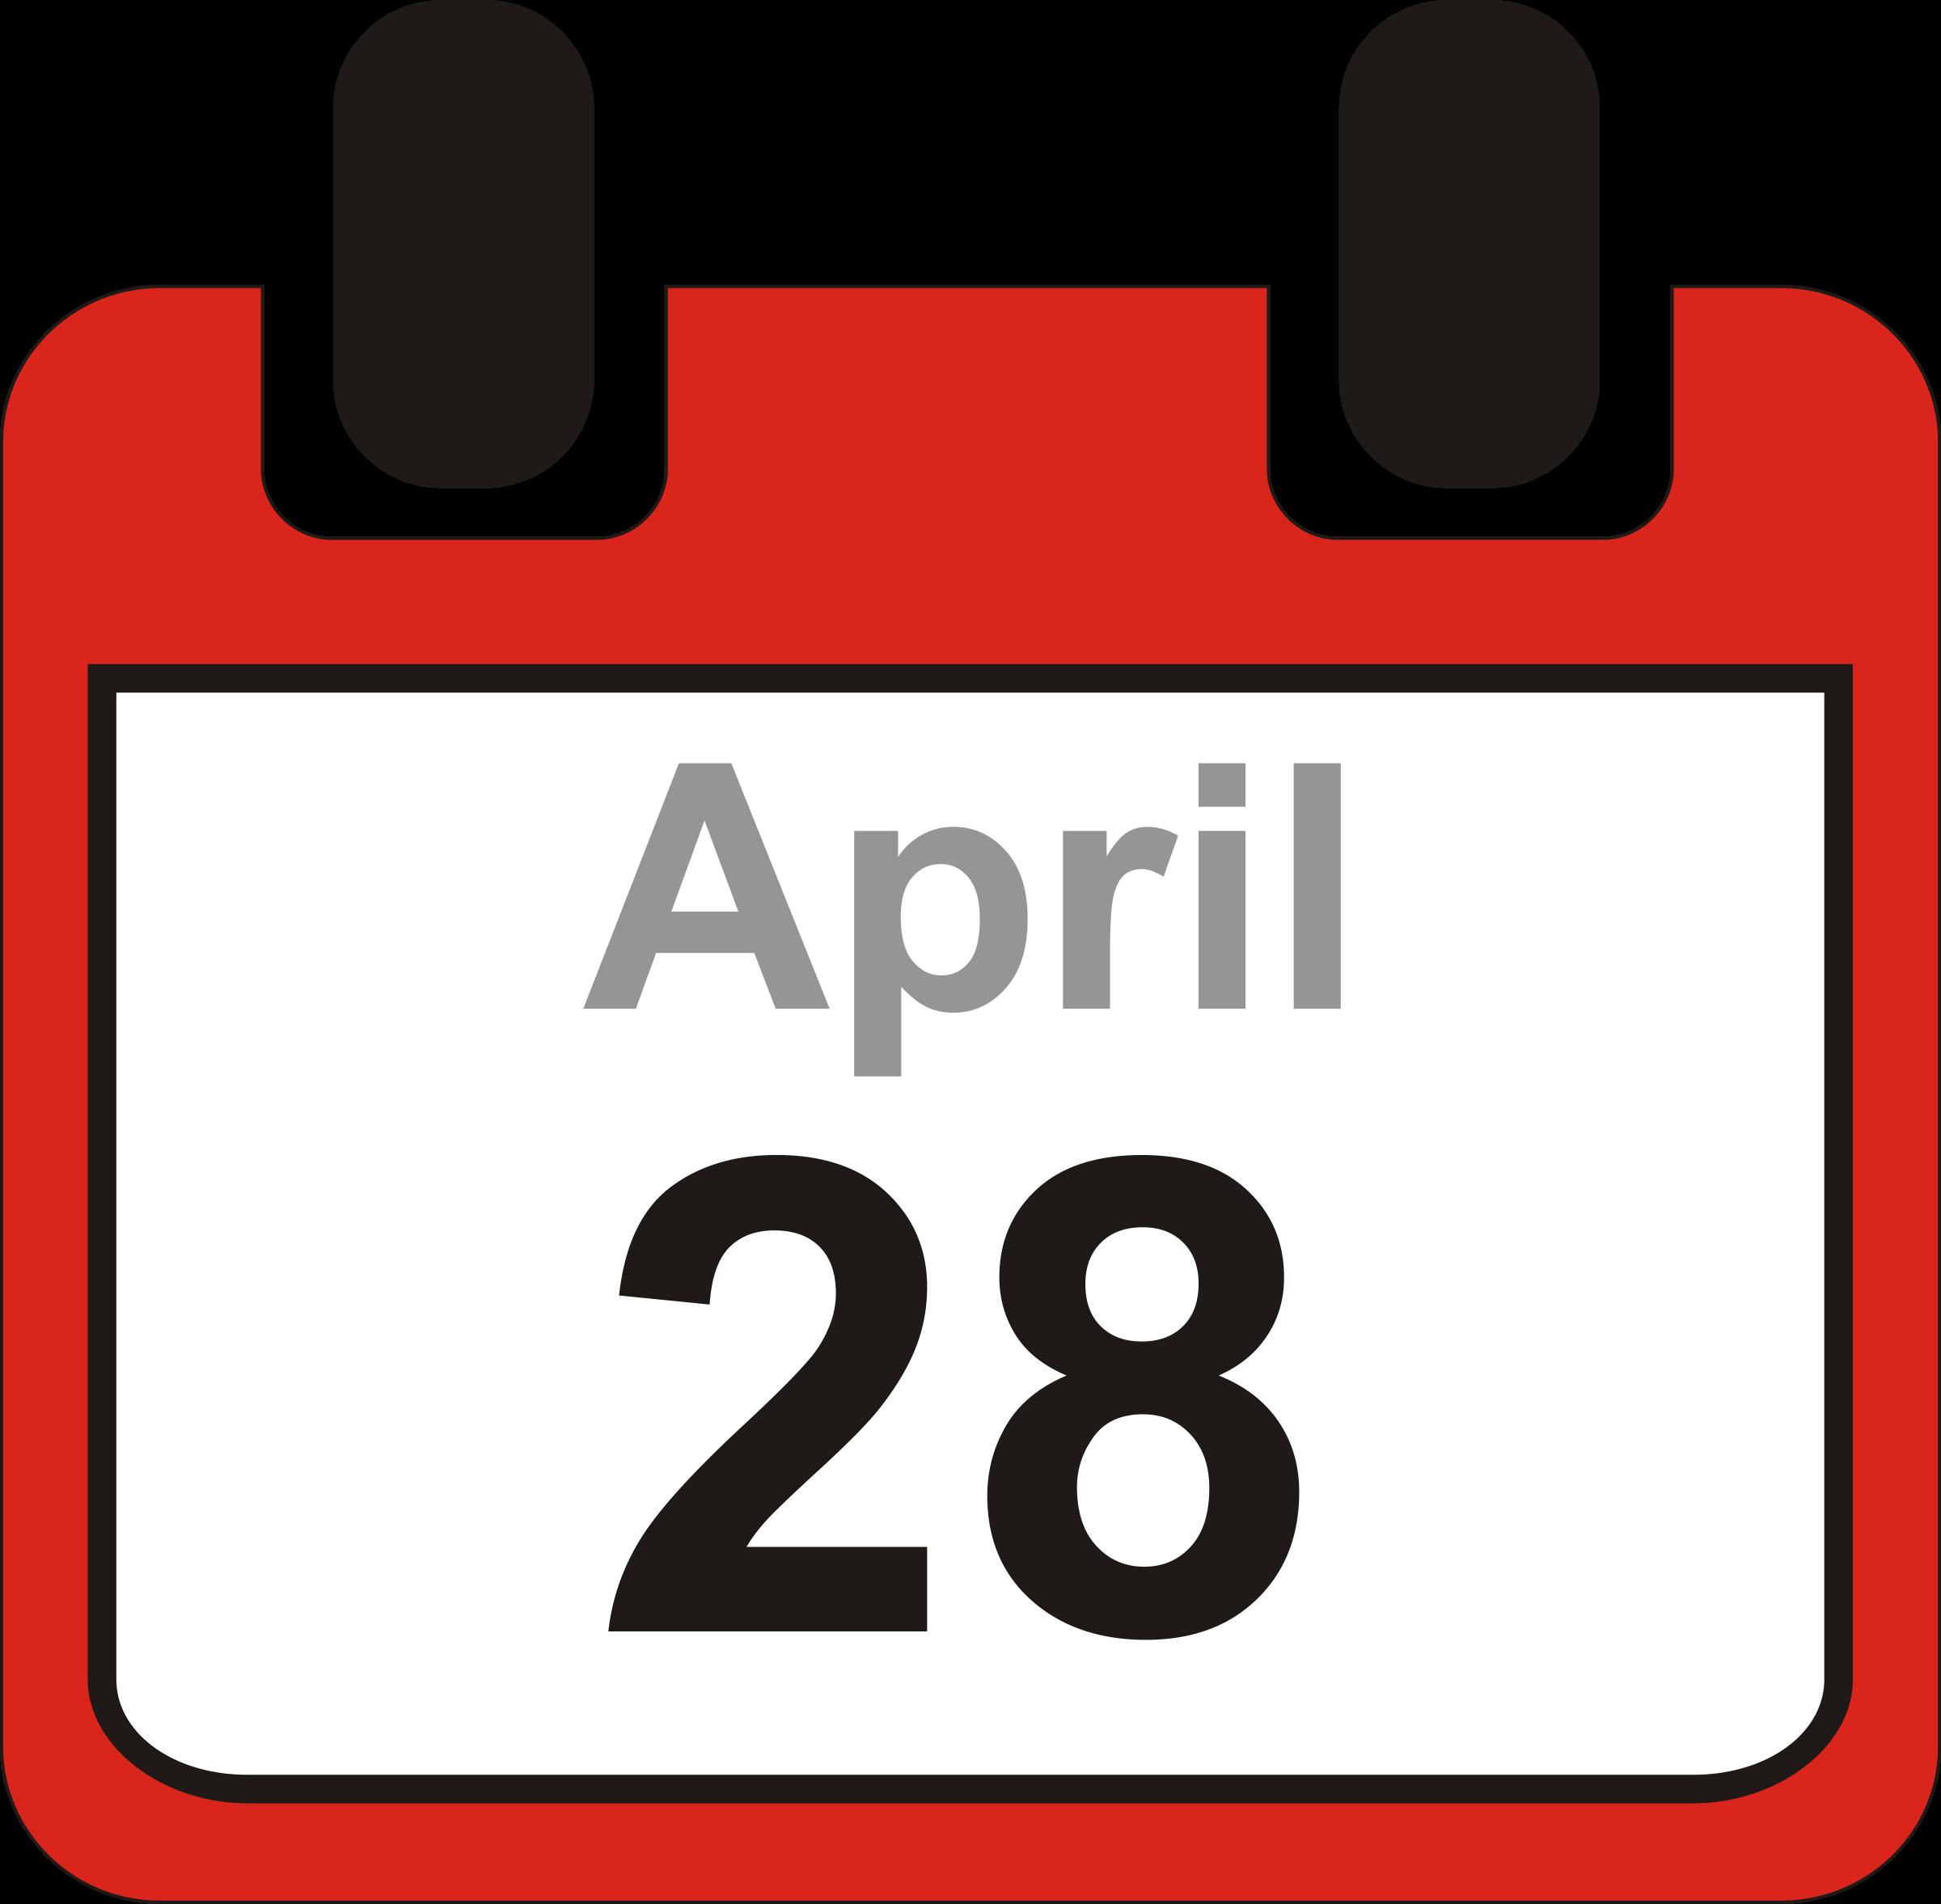 Calendar Clipart-hdclipartall - Calendar Clipart